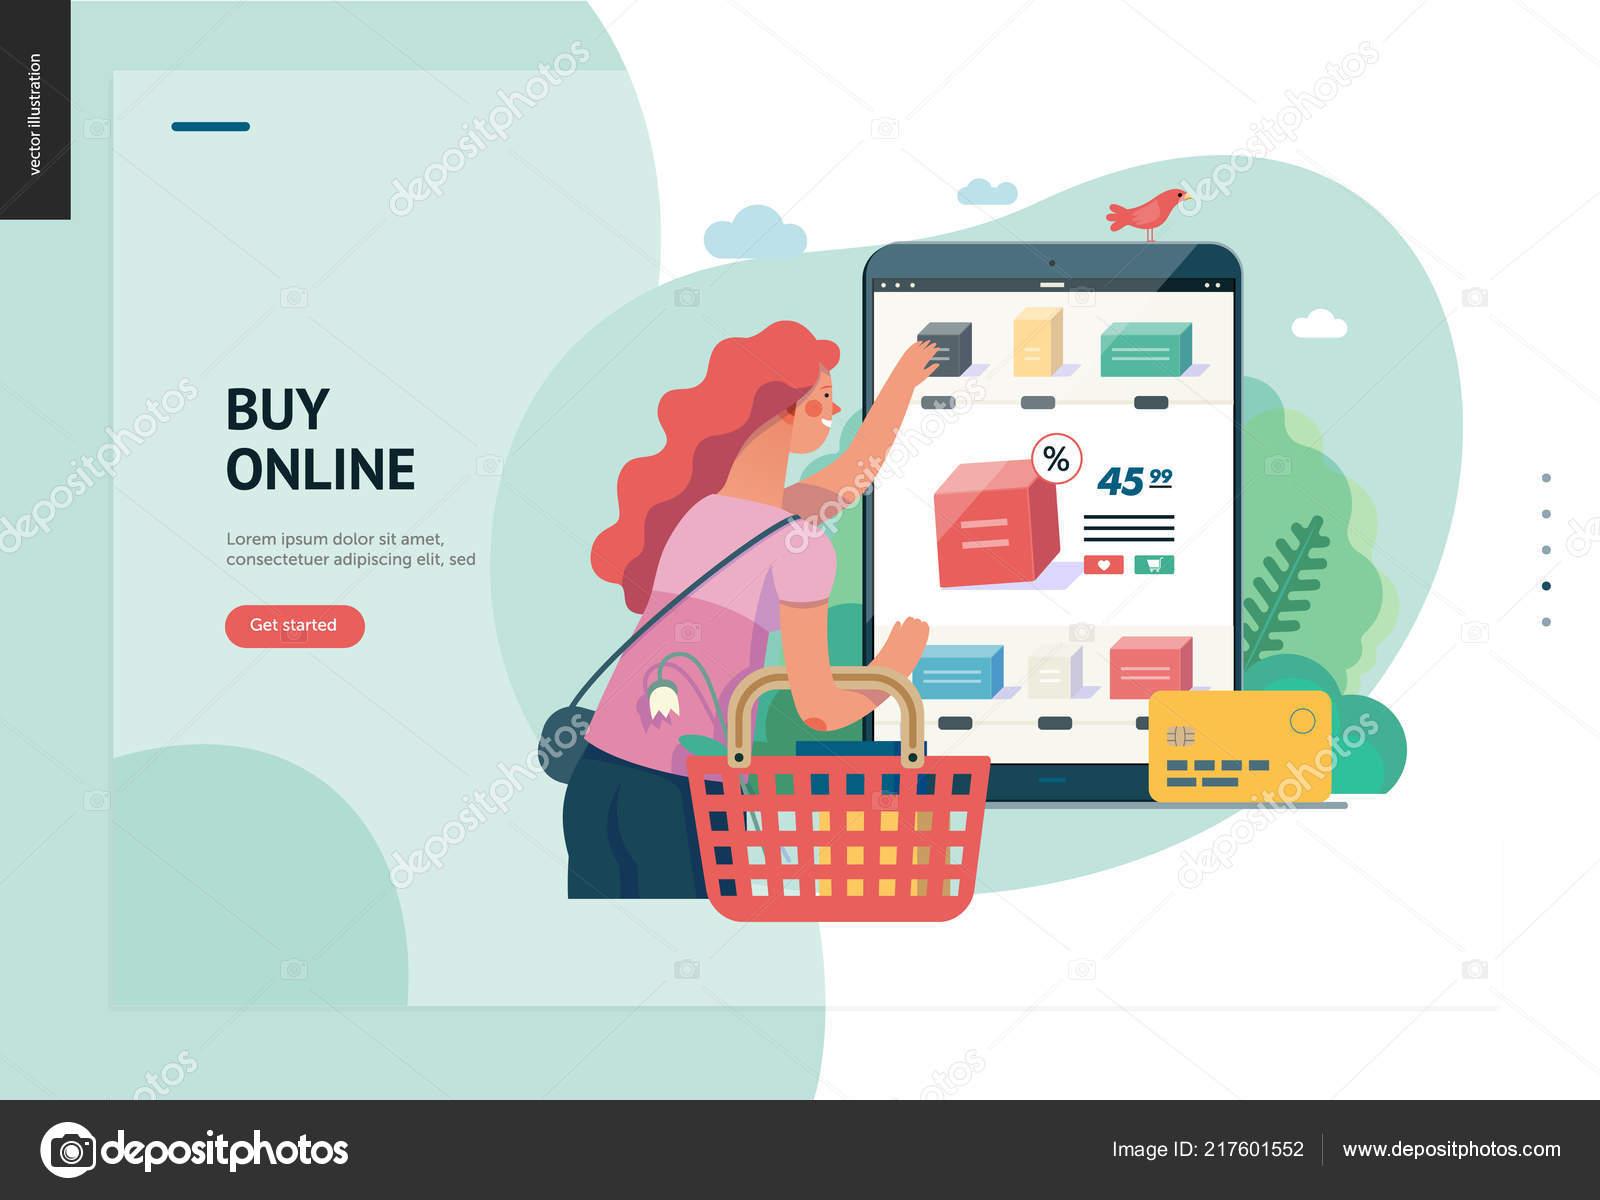 051cbd04e240 Бизнес-серии - Купить Интернет магазин веб-шаблон — Векторное ...